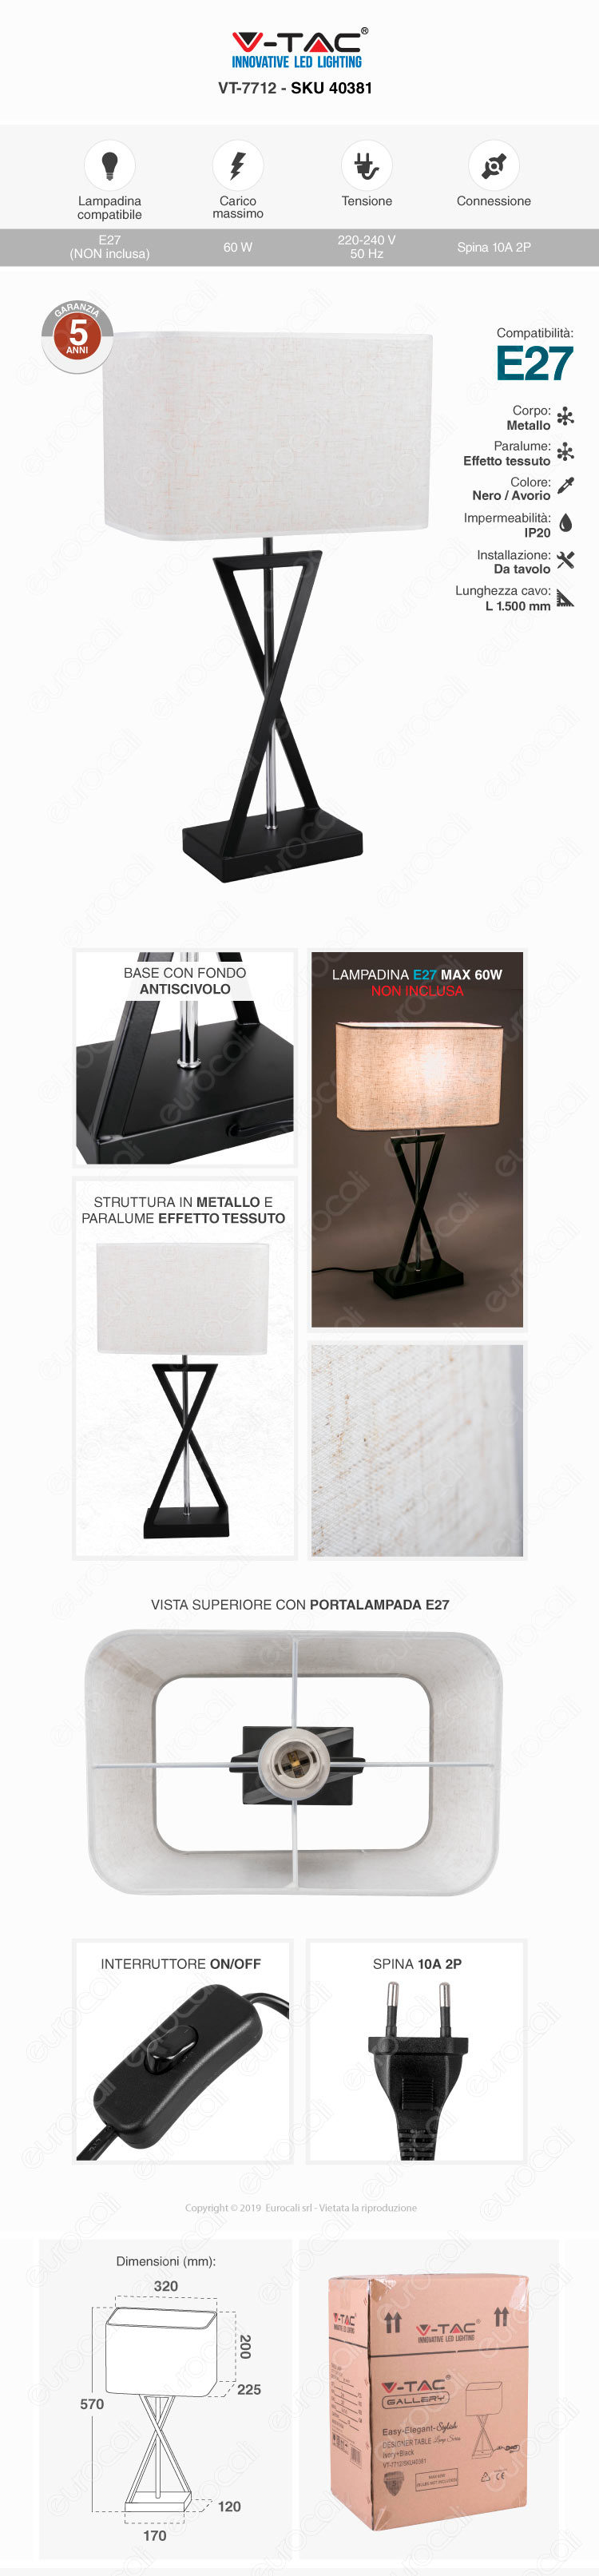 V-TAC Lampada da Tavolo con Portalampada per Lampadine E27